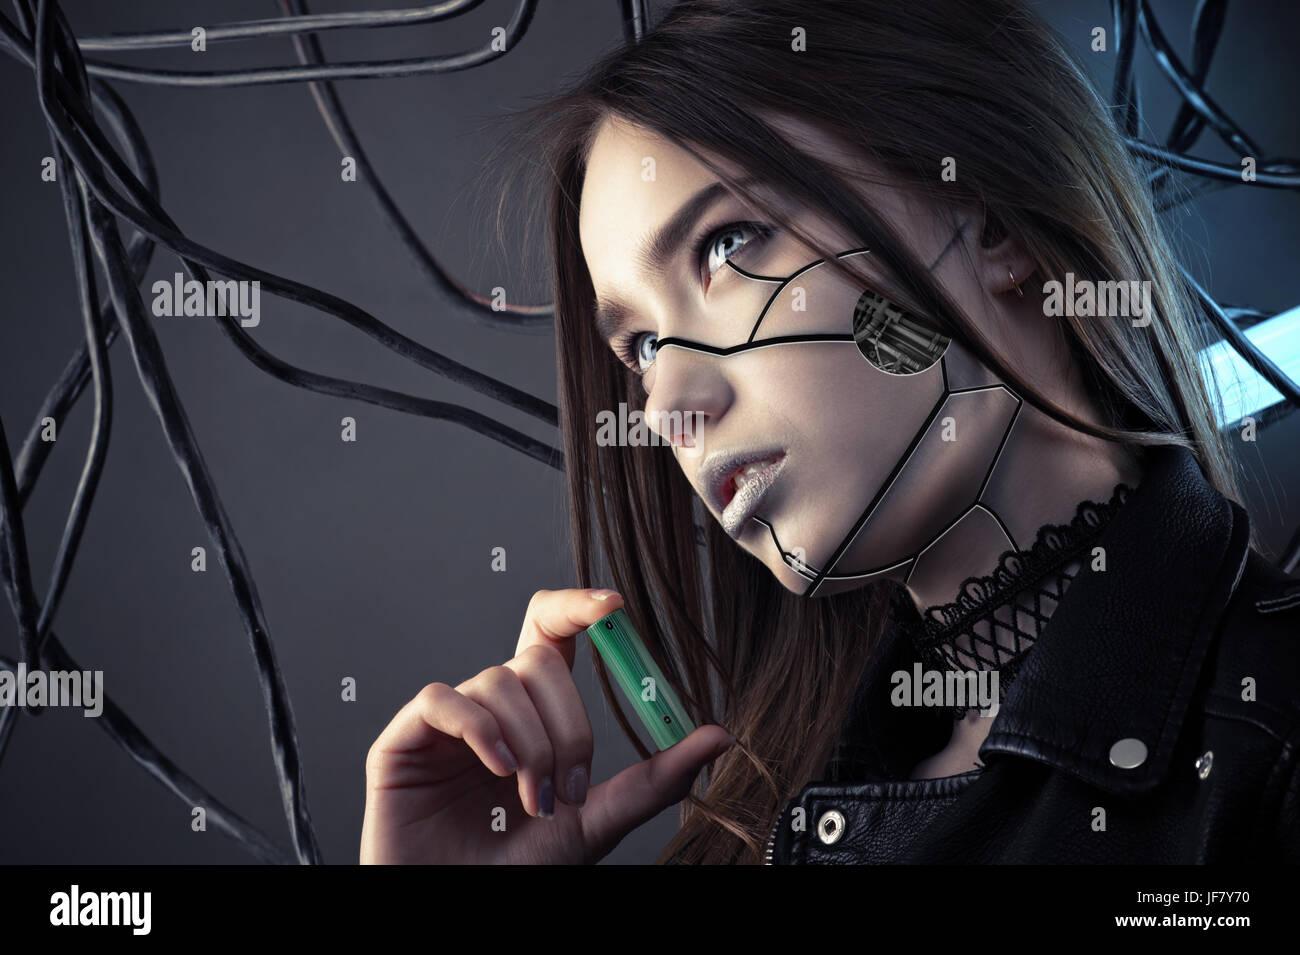 Robot affascinante ragazza con cyberpunk trucco della batteria tenendo in mano, il concetto di risparmio energetico Immagini Stock